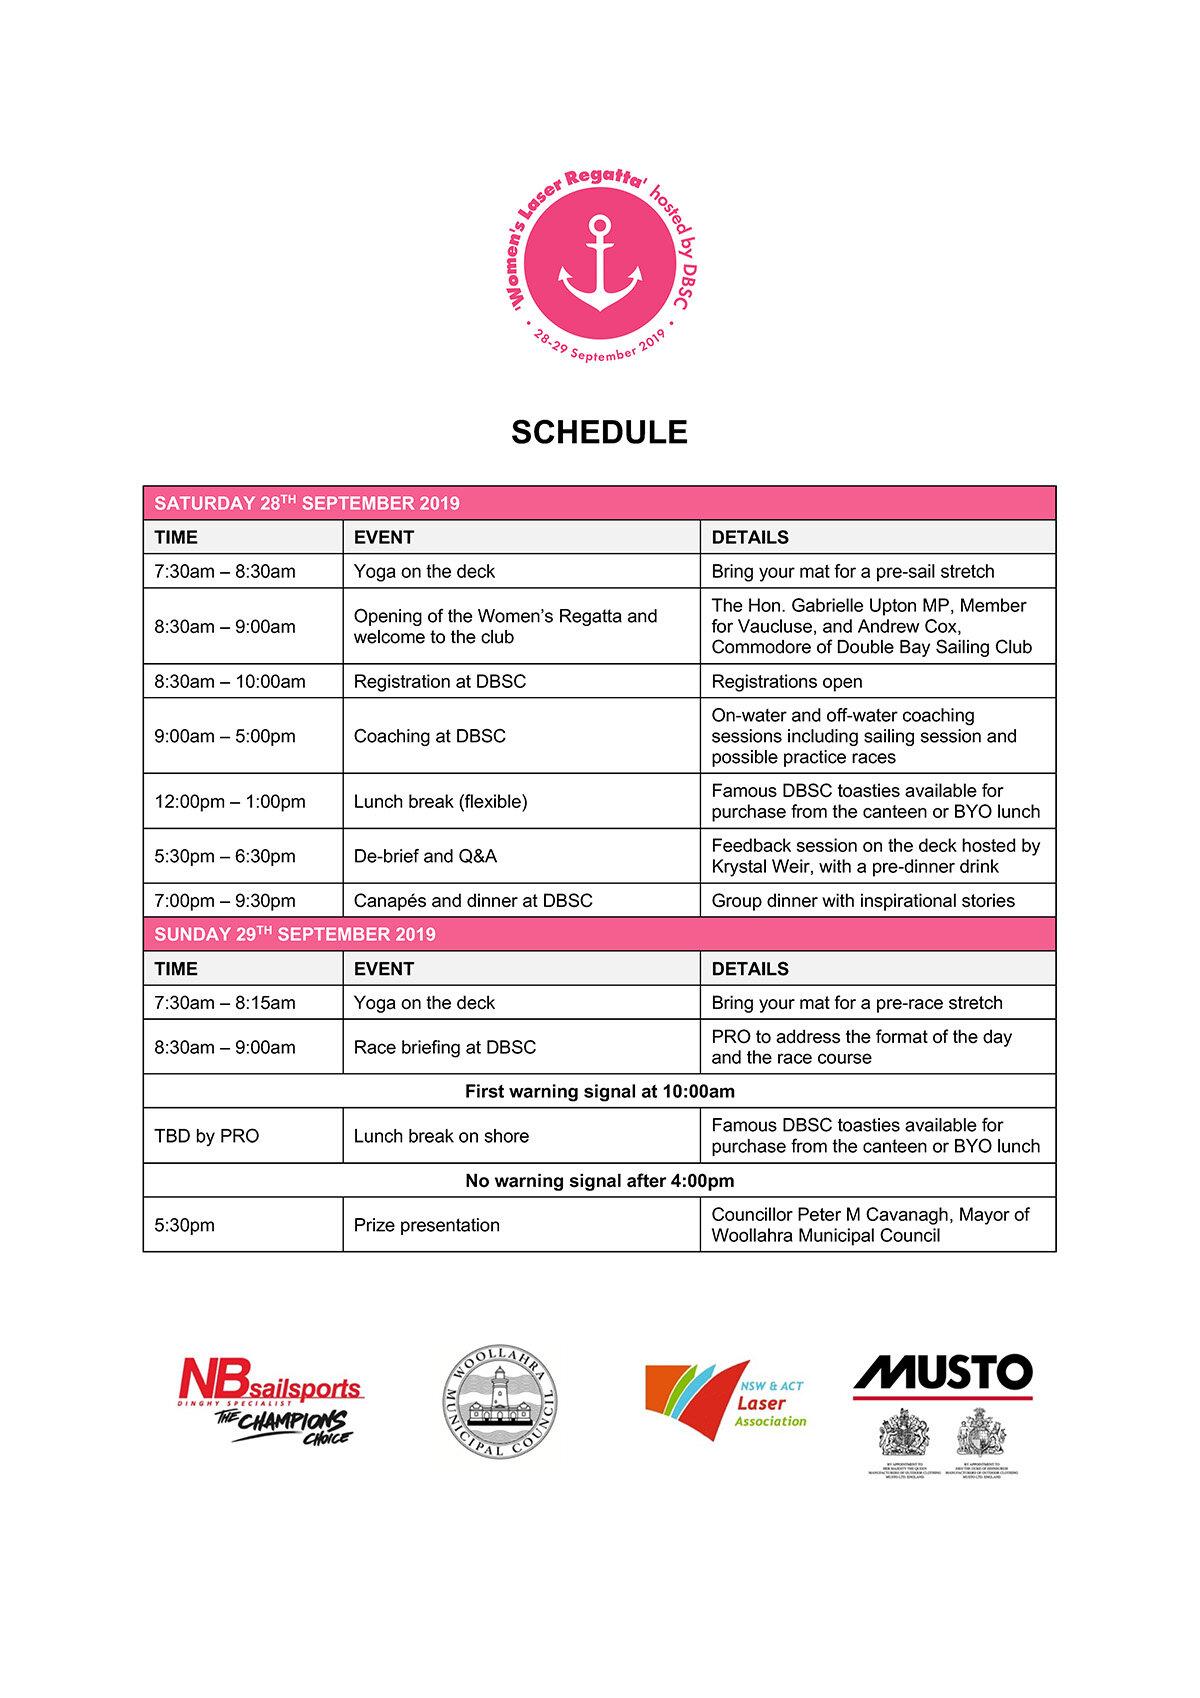 20190920_WomensRegatta_Schedule.jpg